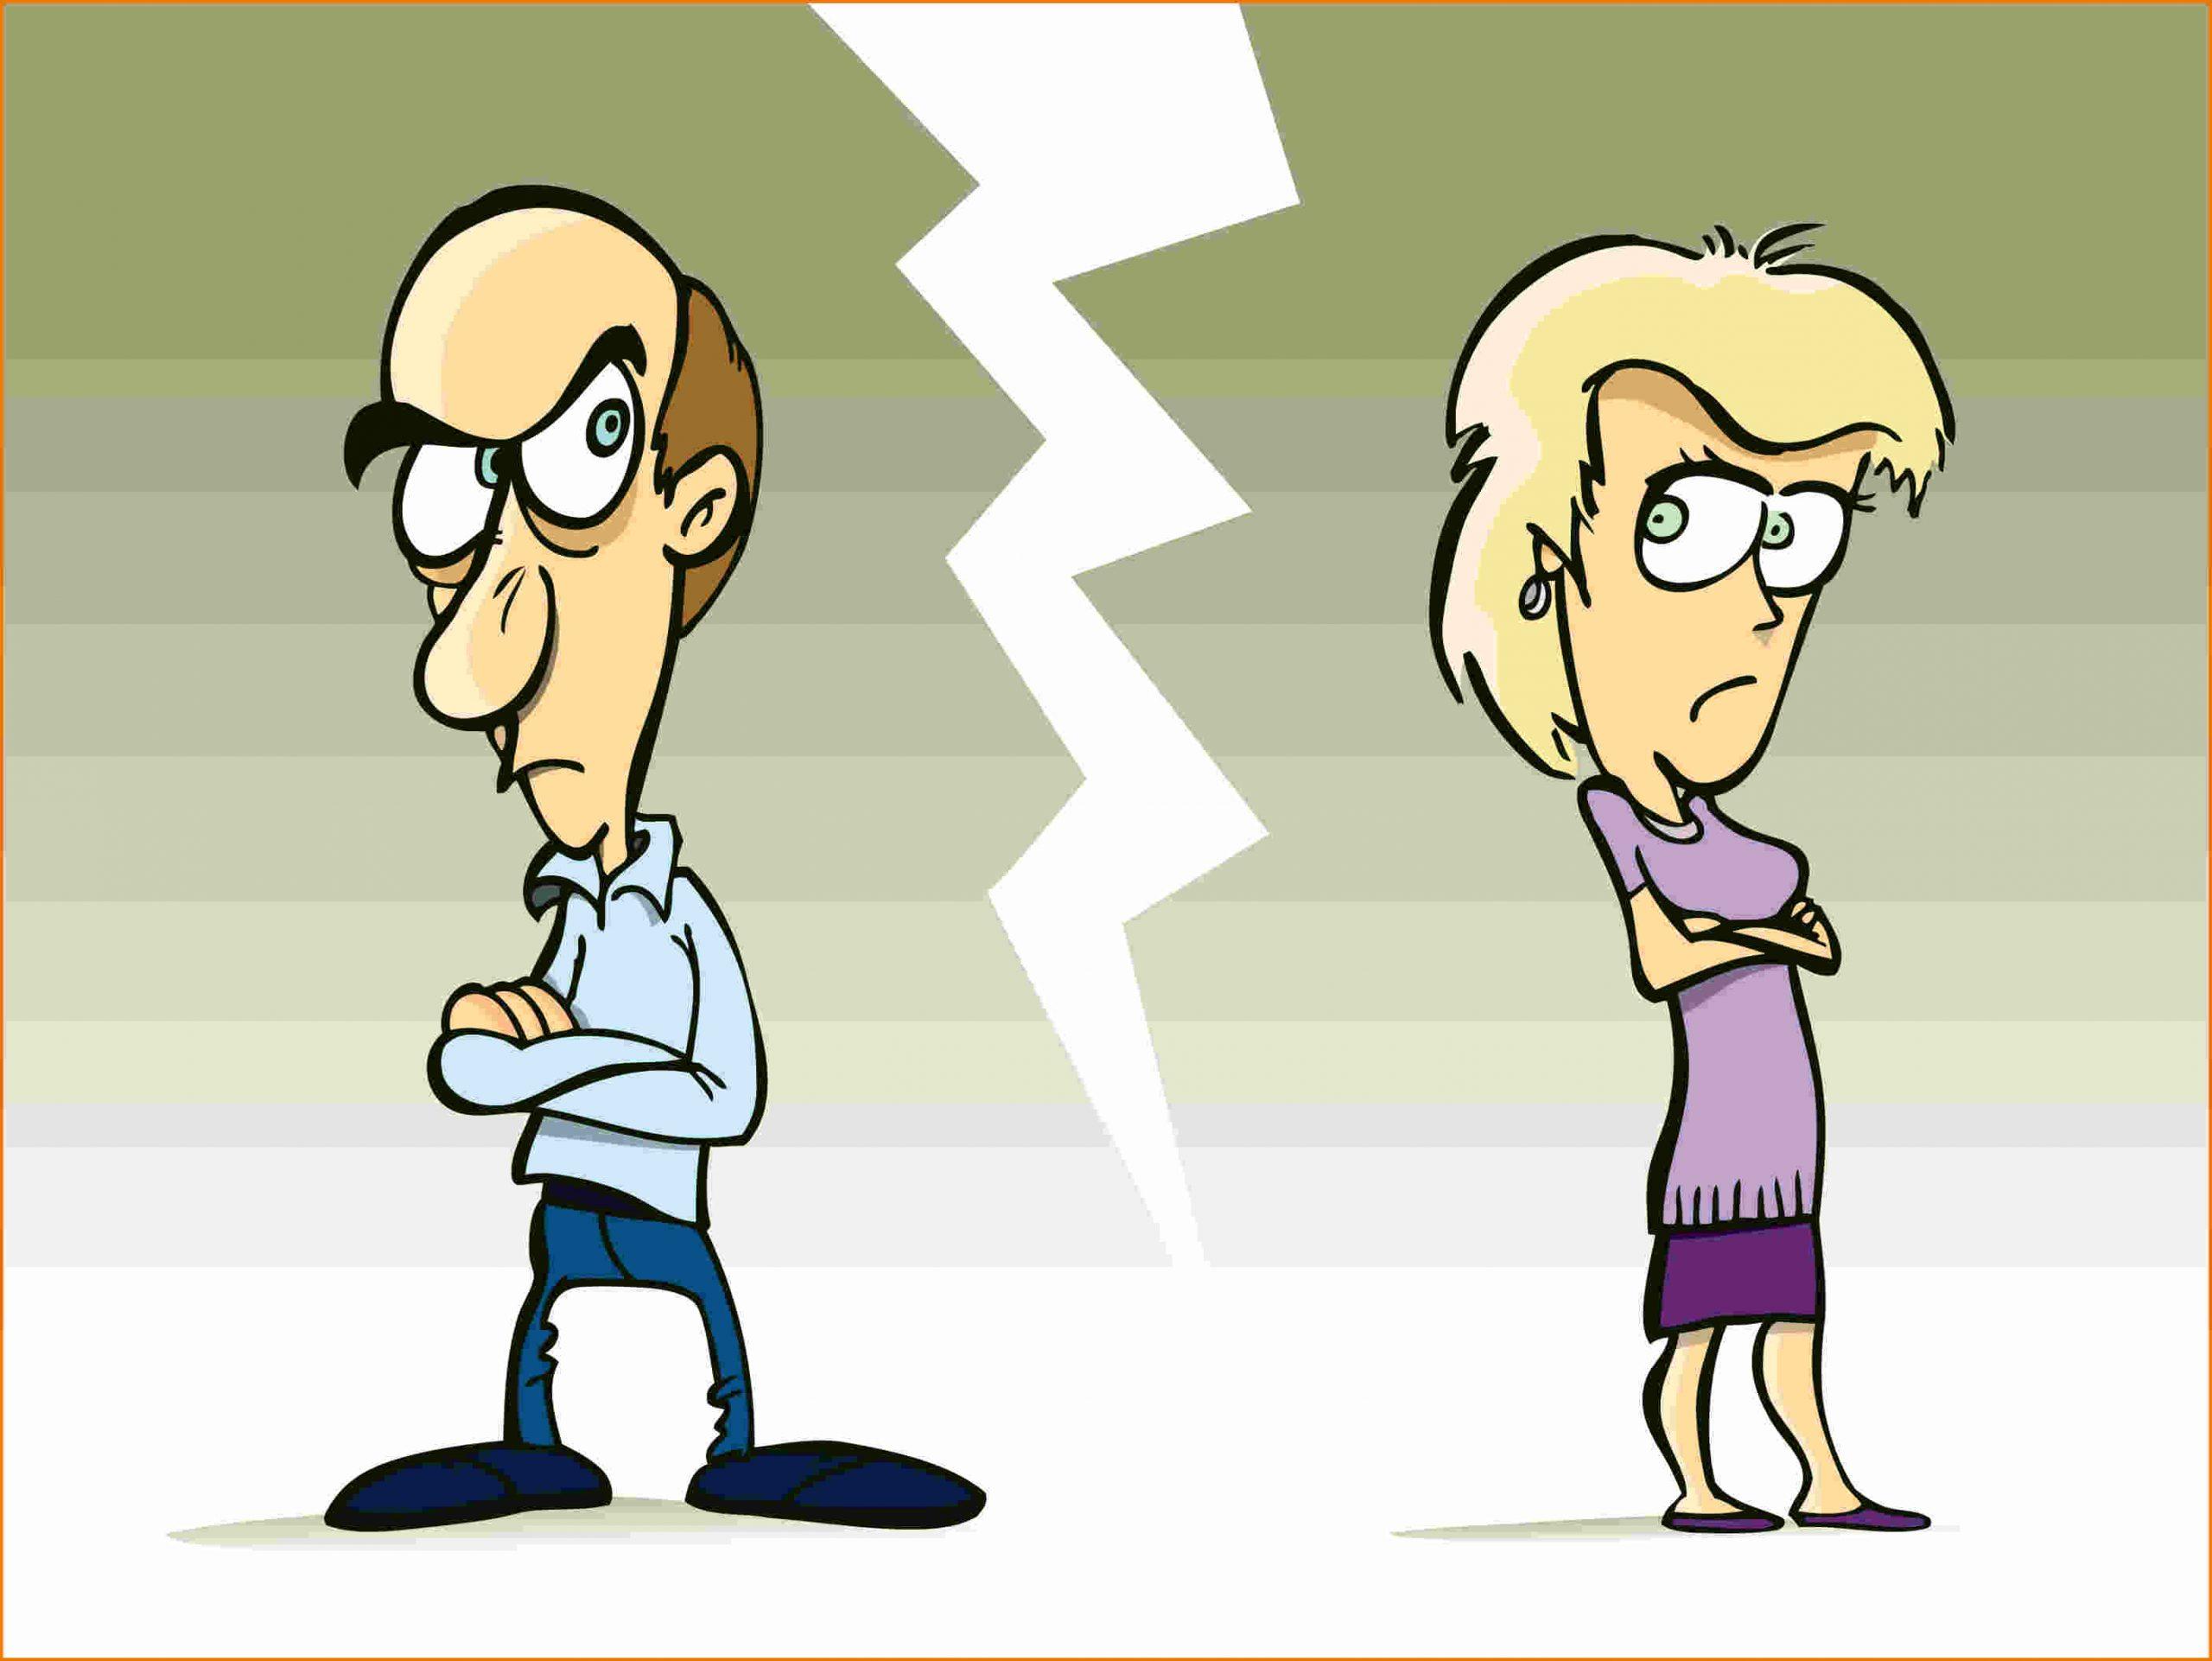 راز پنهان در پشت ازدواج ناموفق